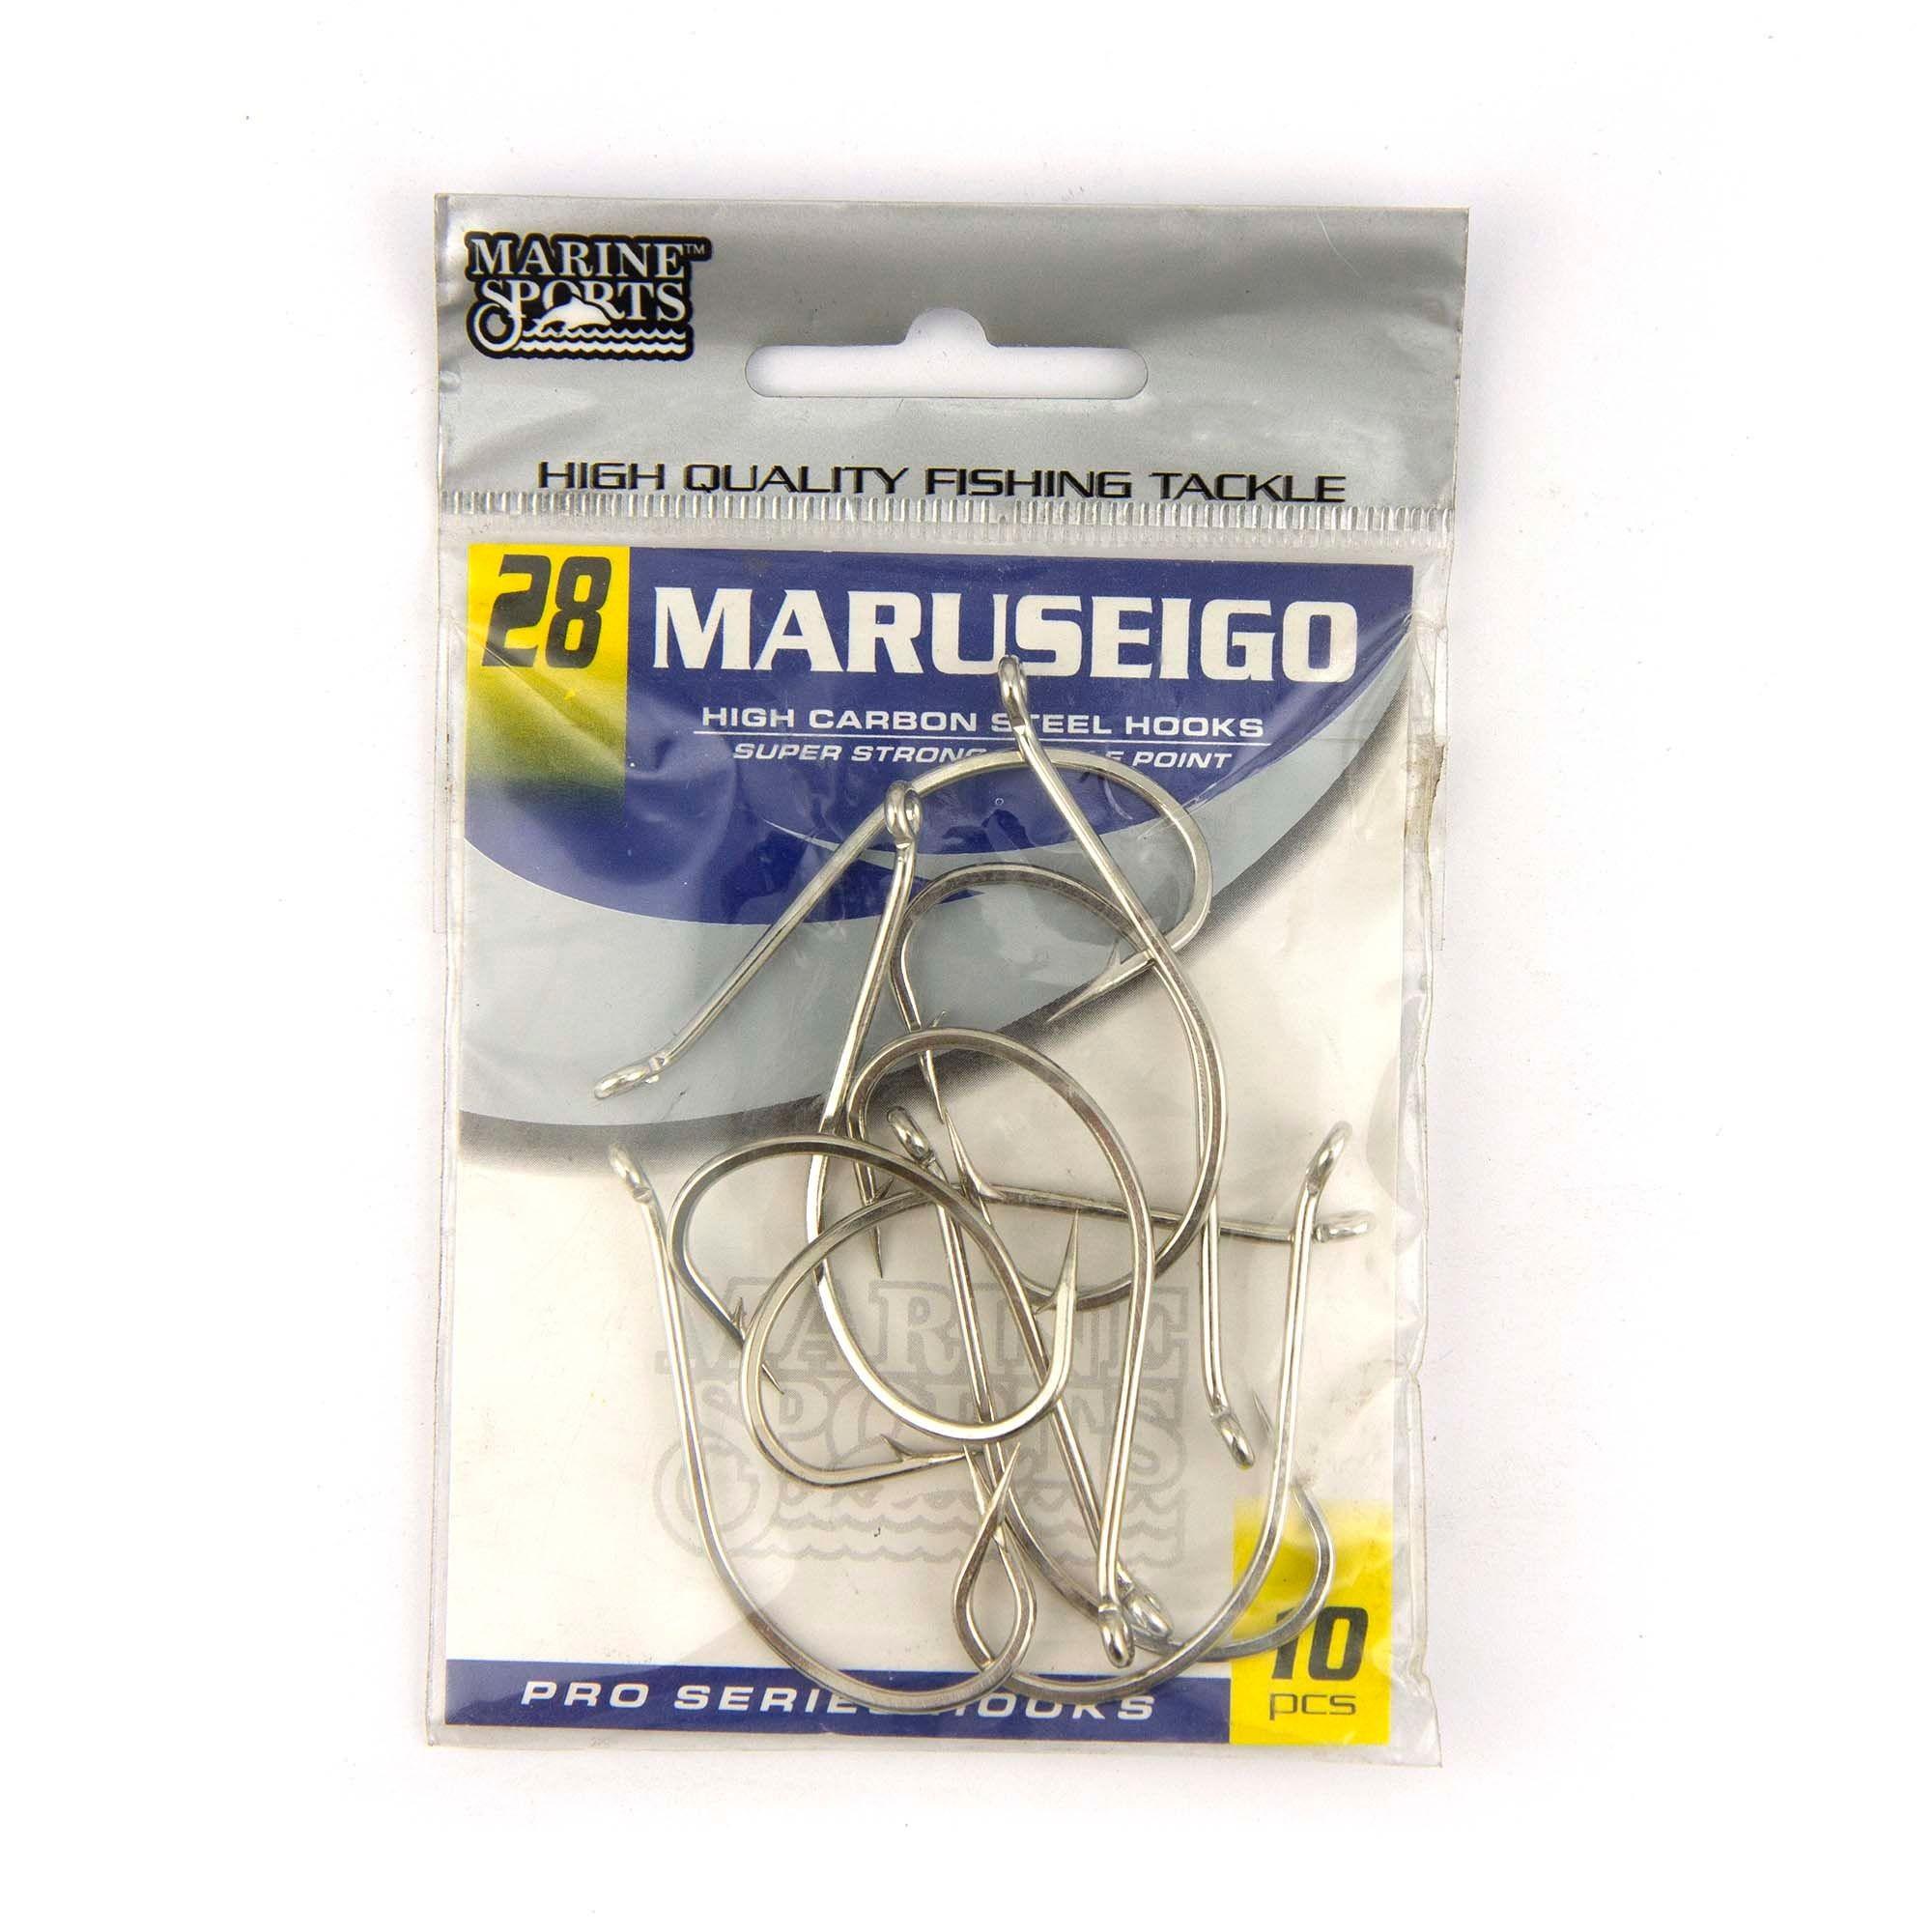 Anzol Maruseigo Nickel nº 28 - 10 unidades  - Artpesca